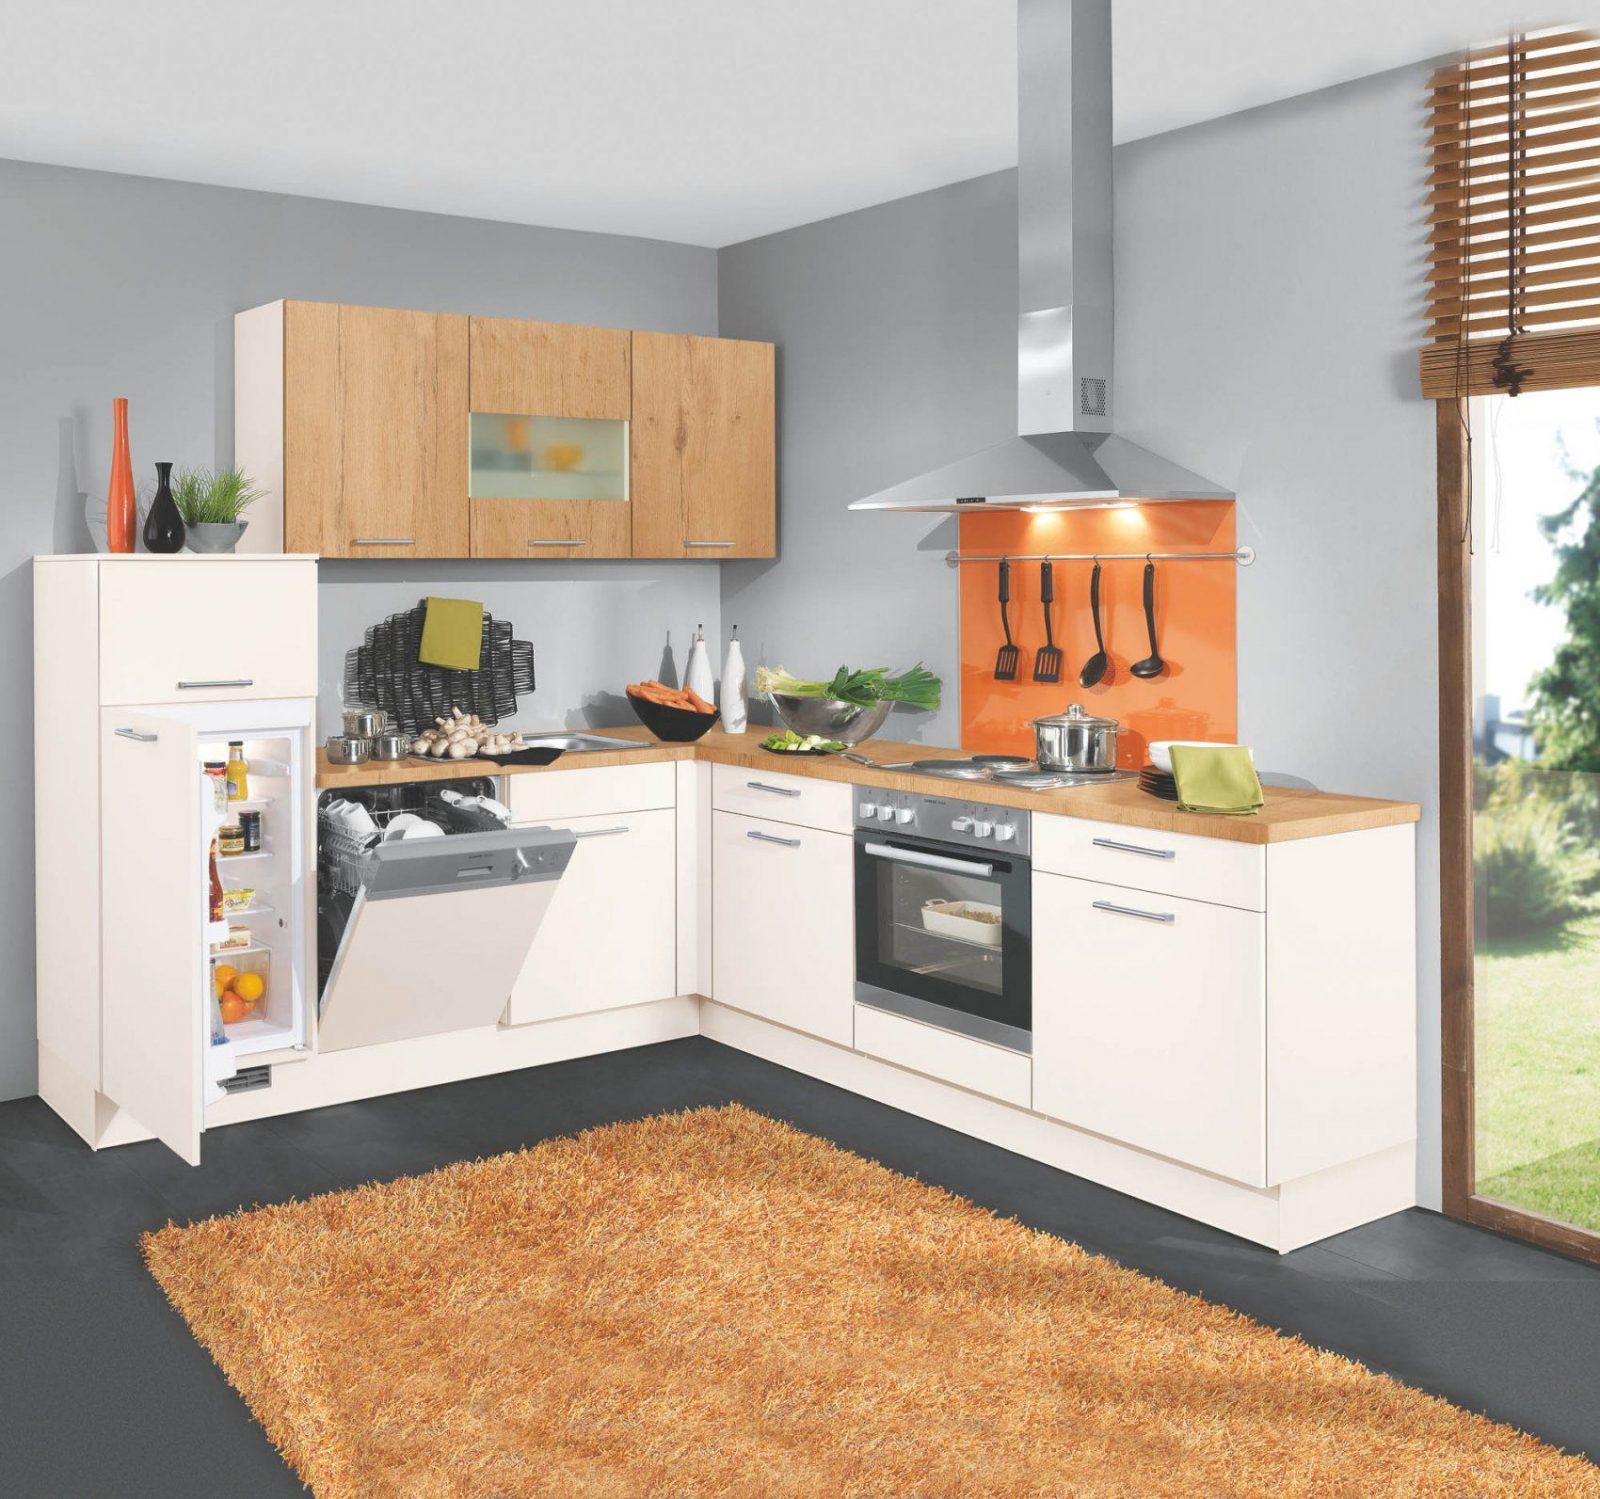 Einfach Küchen L Form Poco Entwurf Ideen Ires Wallpaper Fotos von Küchen L Form Poco Bild